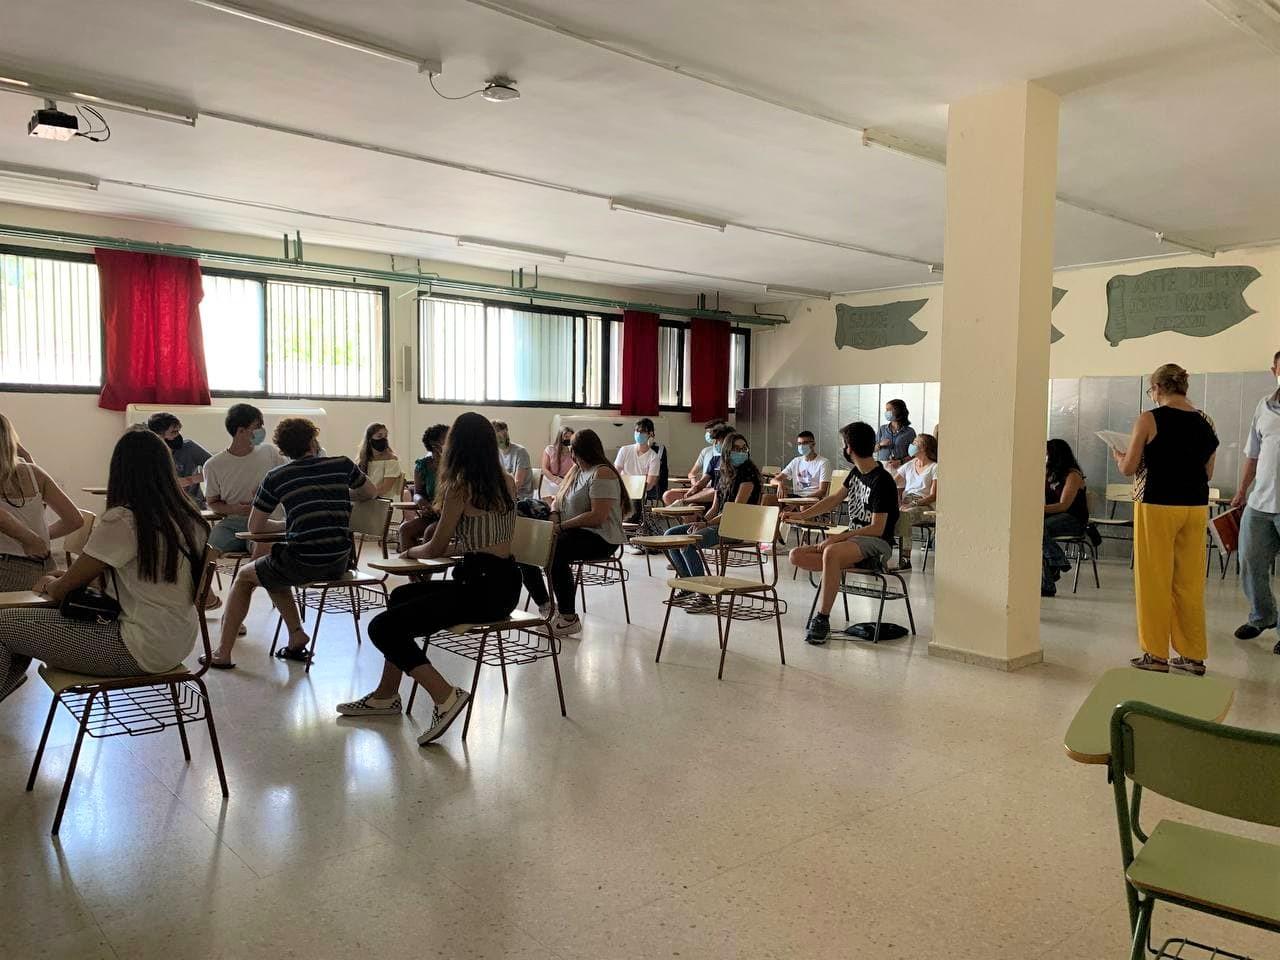 Más de 846.000 estudiantes de Secundaria, Bachillerato, FP y Educación de Adultos inician este miércoles el curso escolar 21-22 en Andalucía